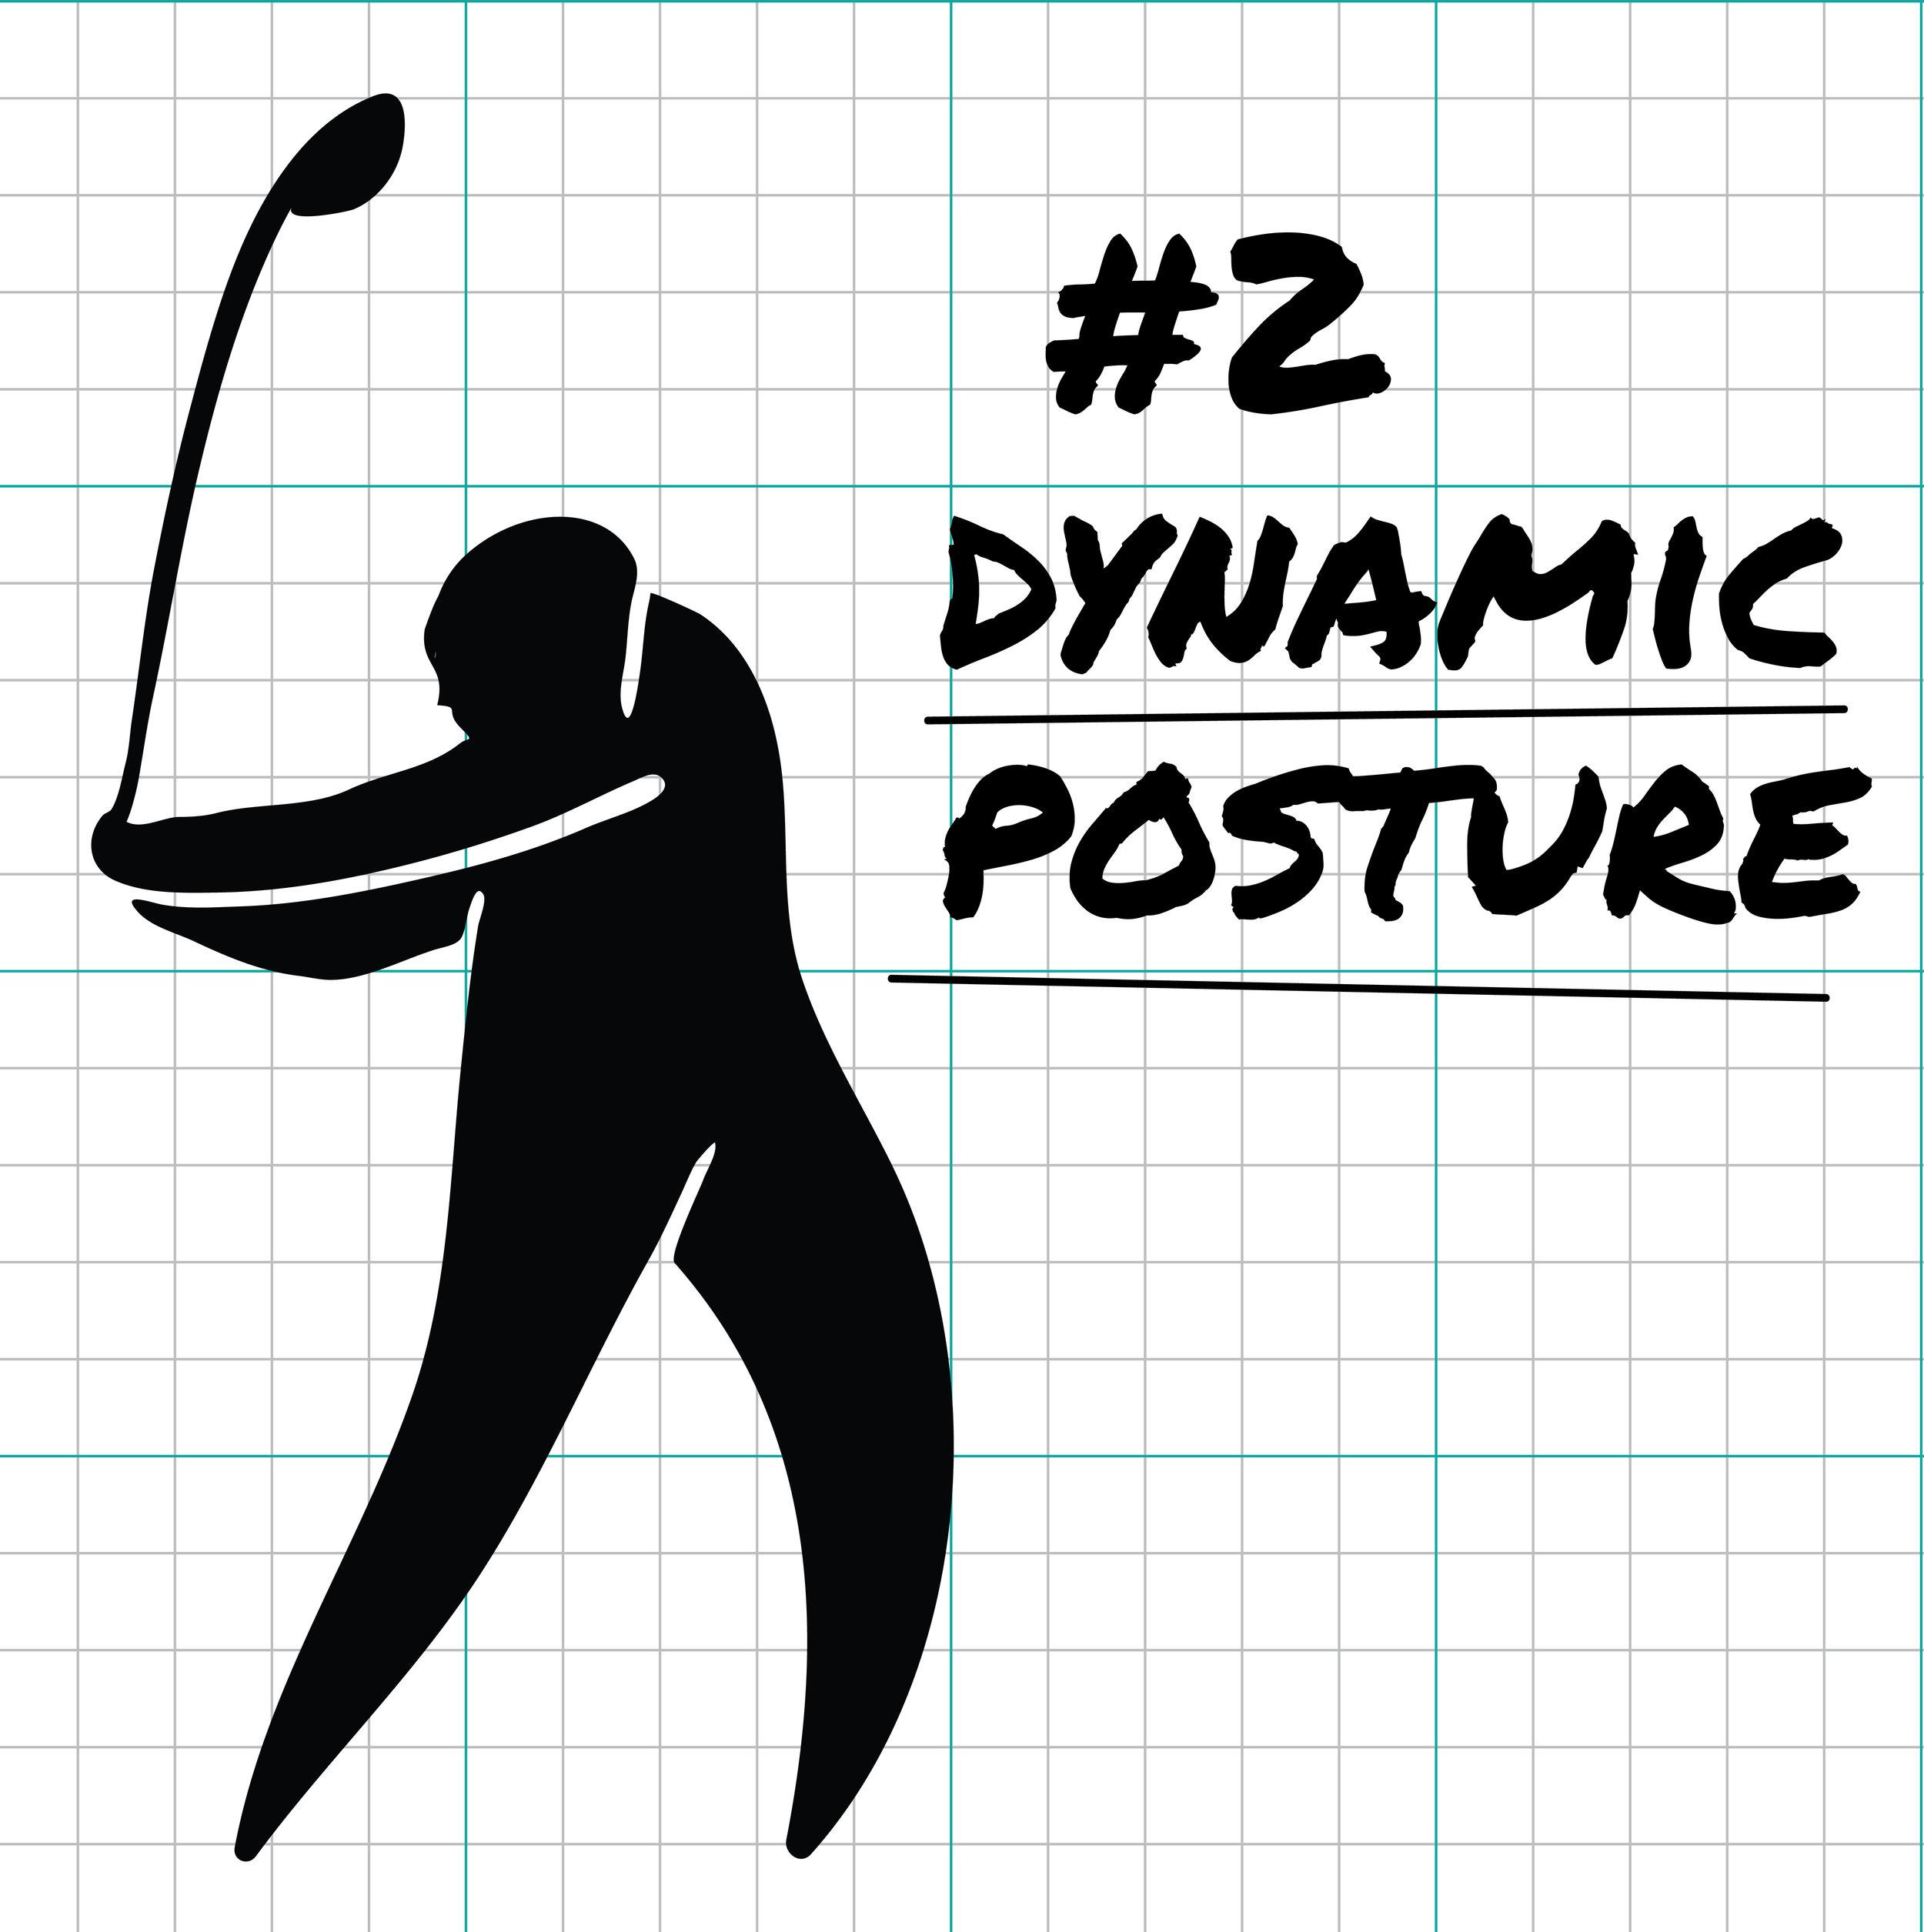 2-dyn_posture_titl(2).jpg